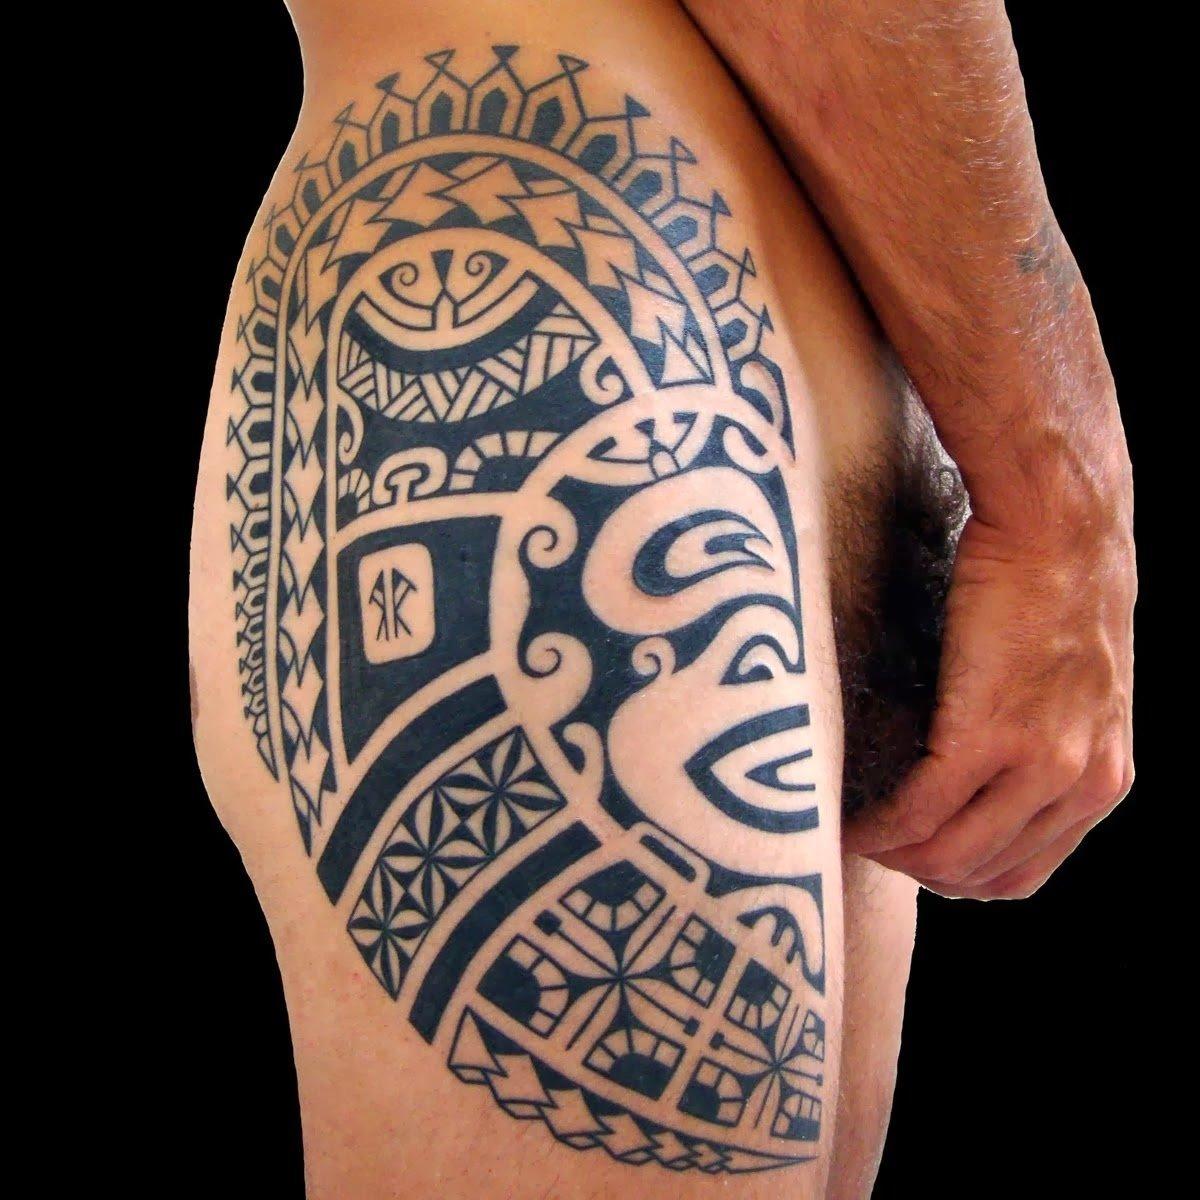 10 Unique Leg Tattoo Ideas For Men